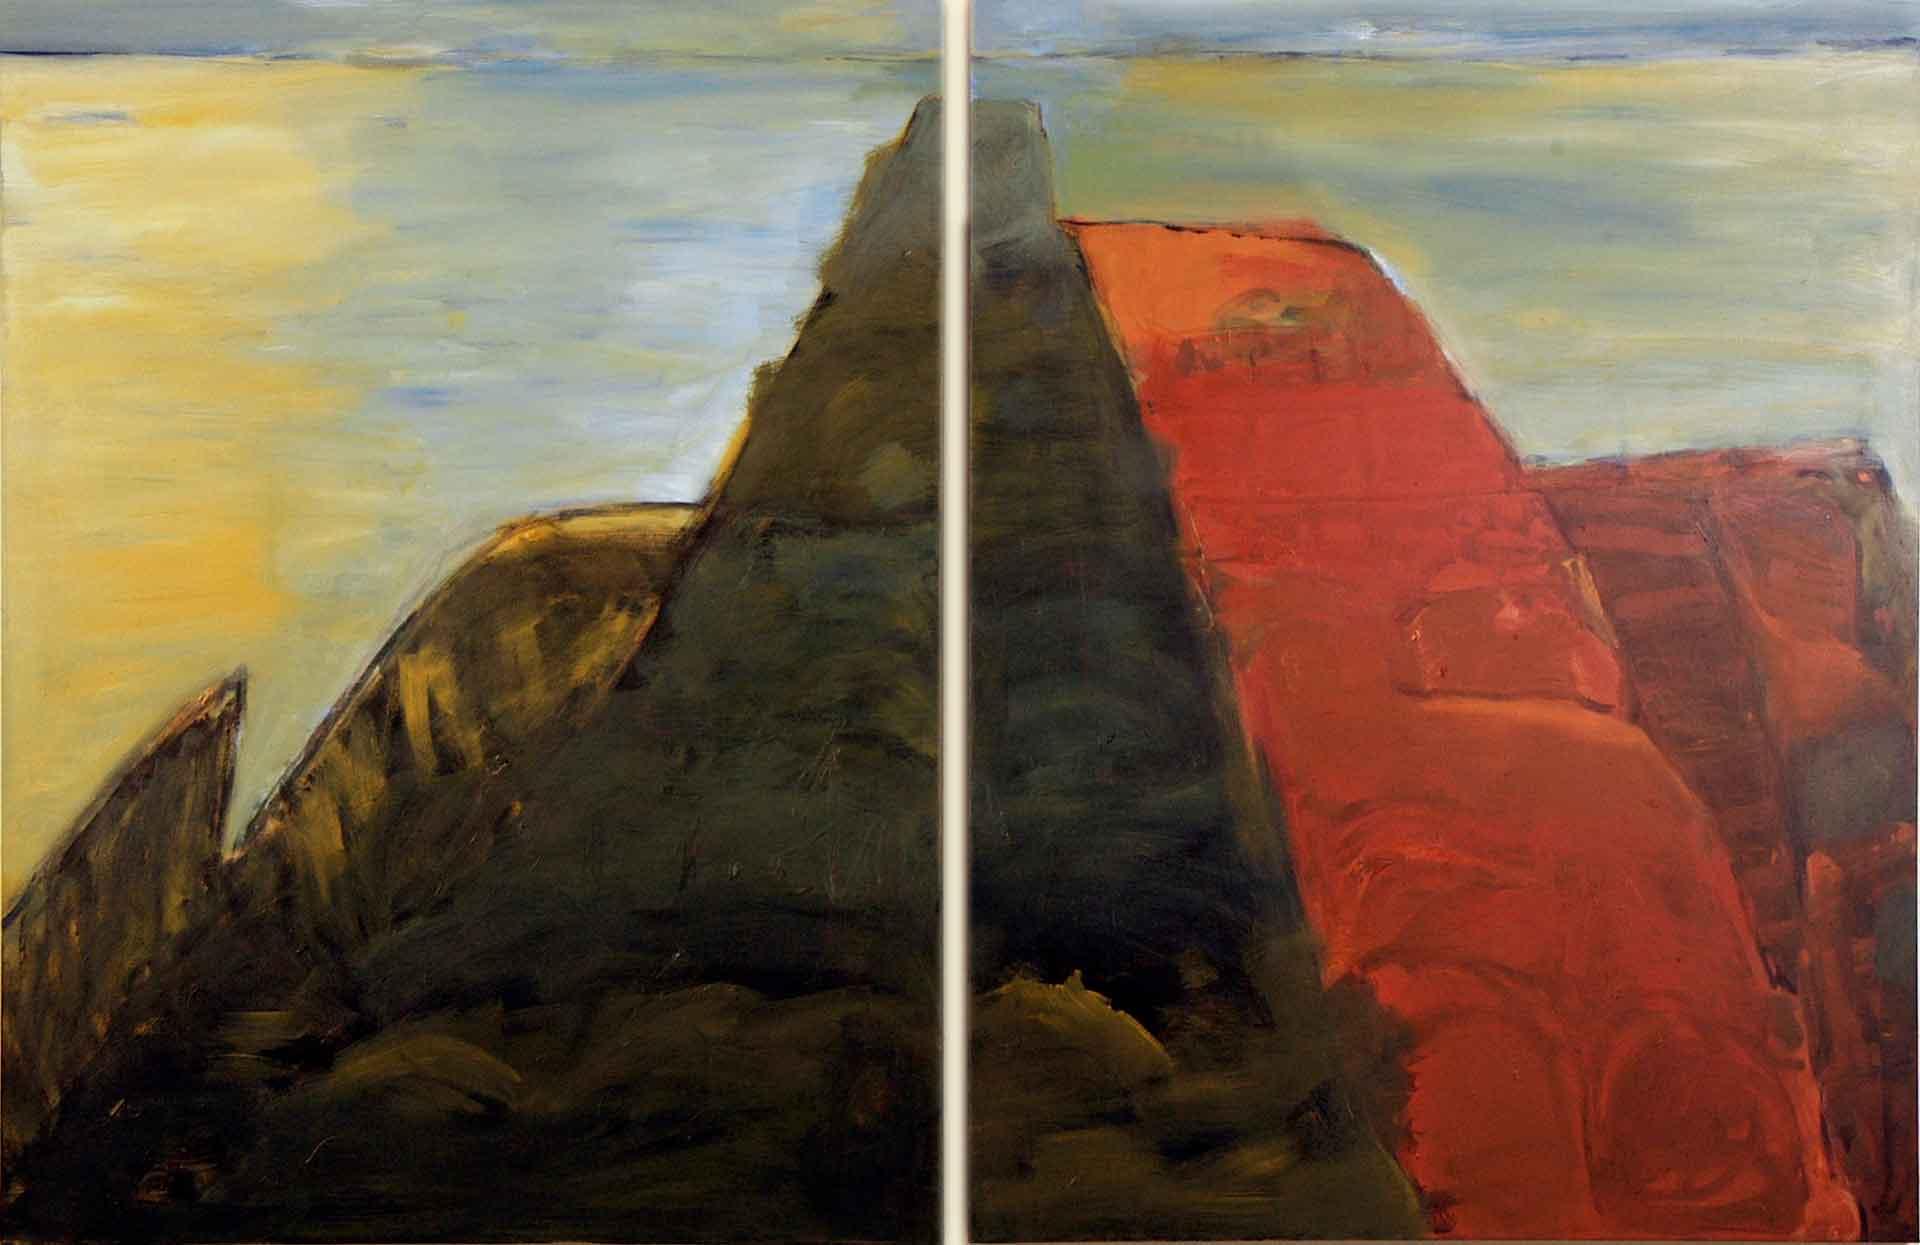 Jay Pearse - Australian Landscape Artist